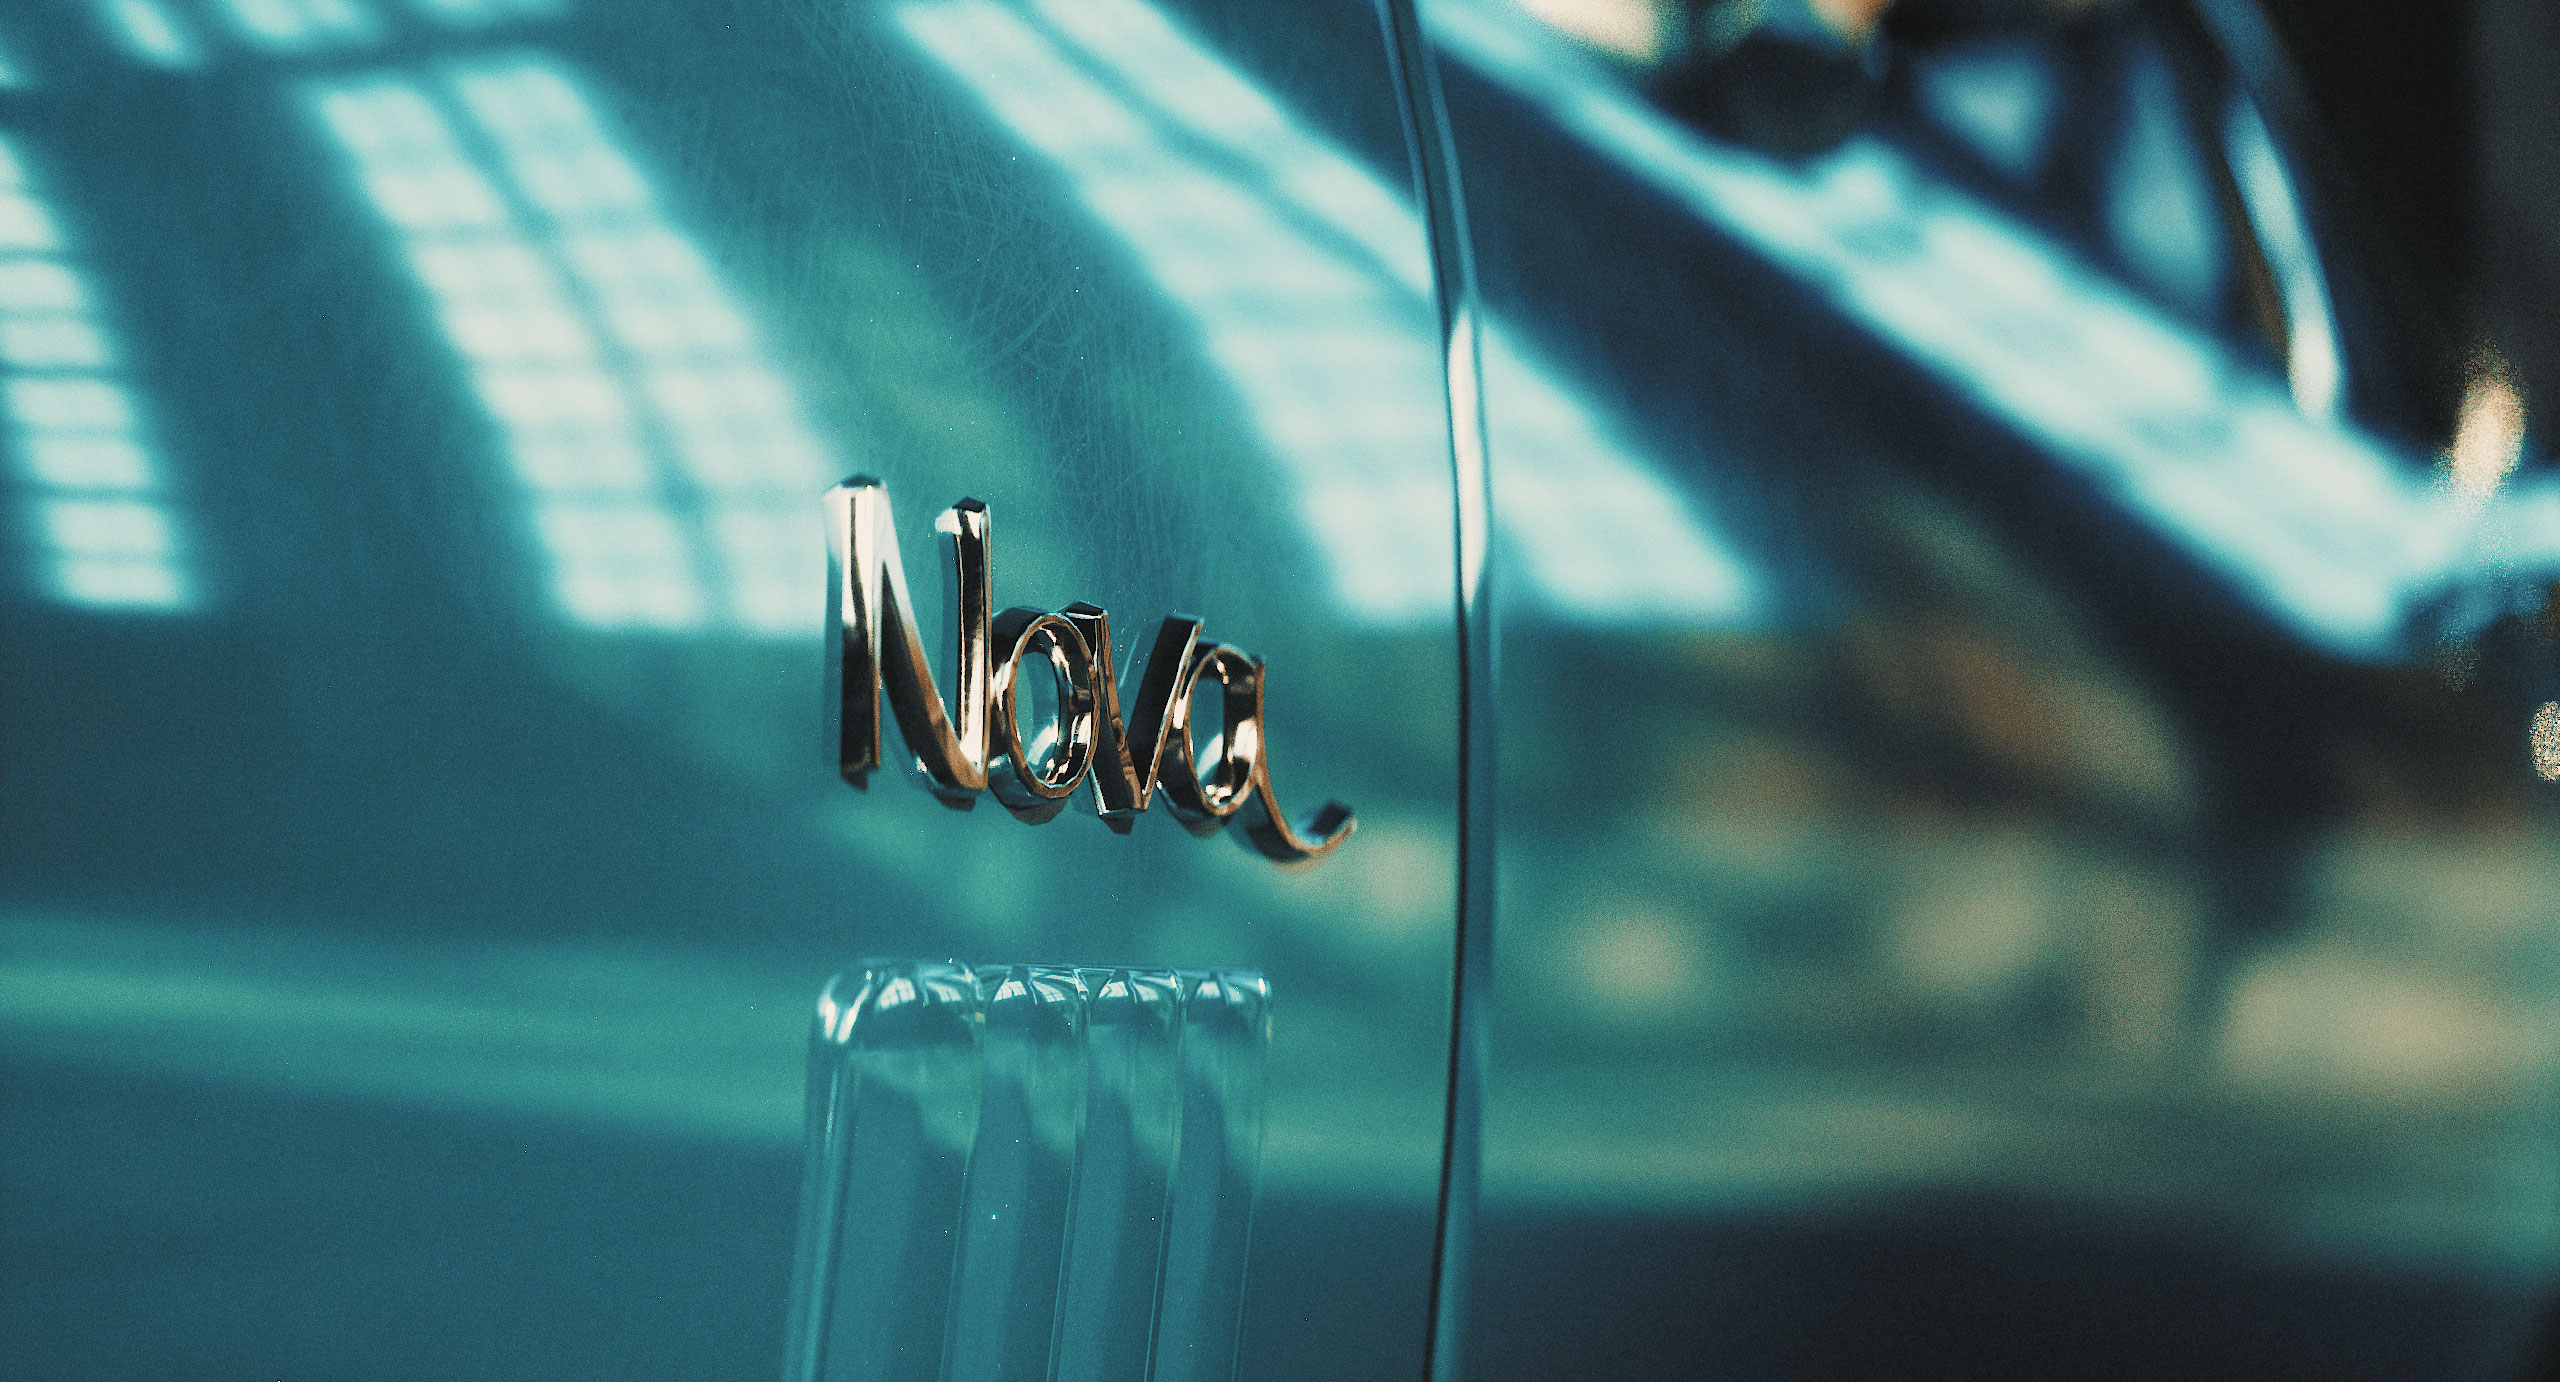 Car_000